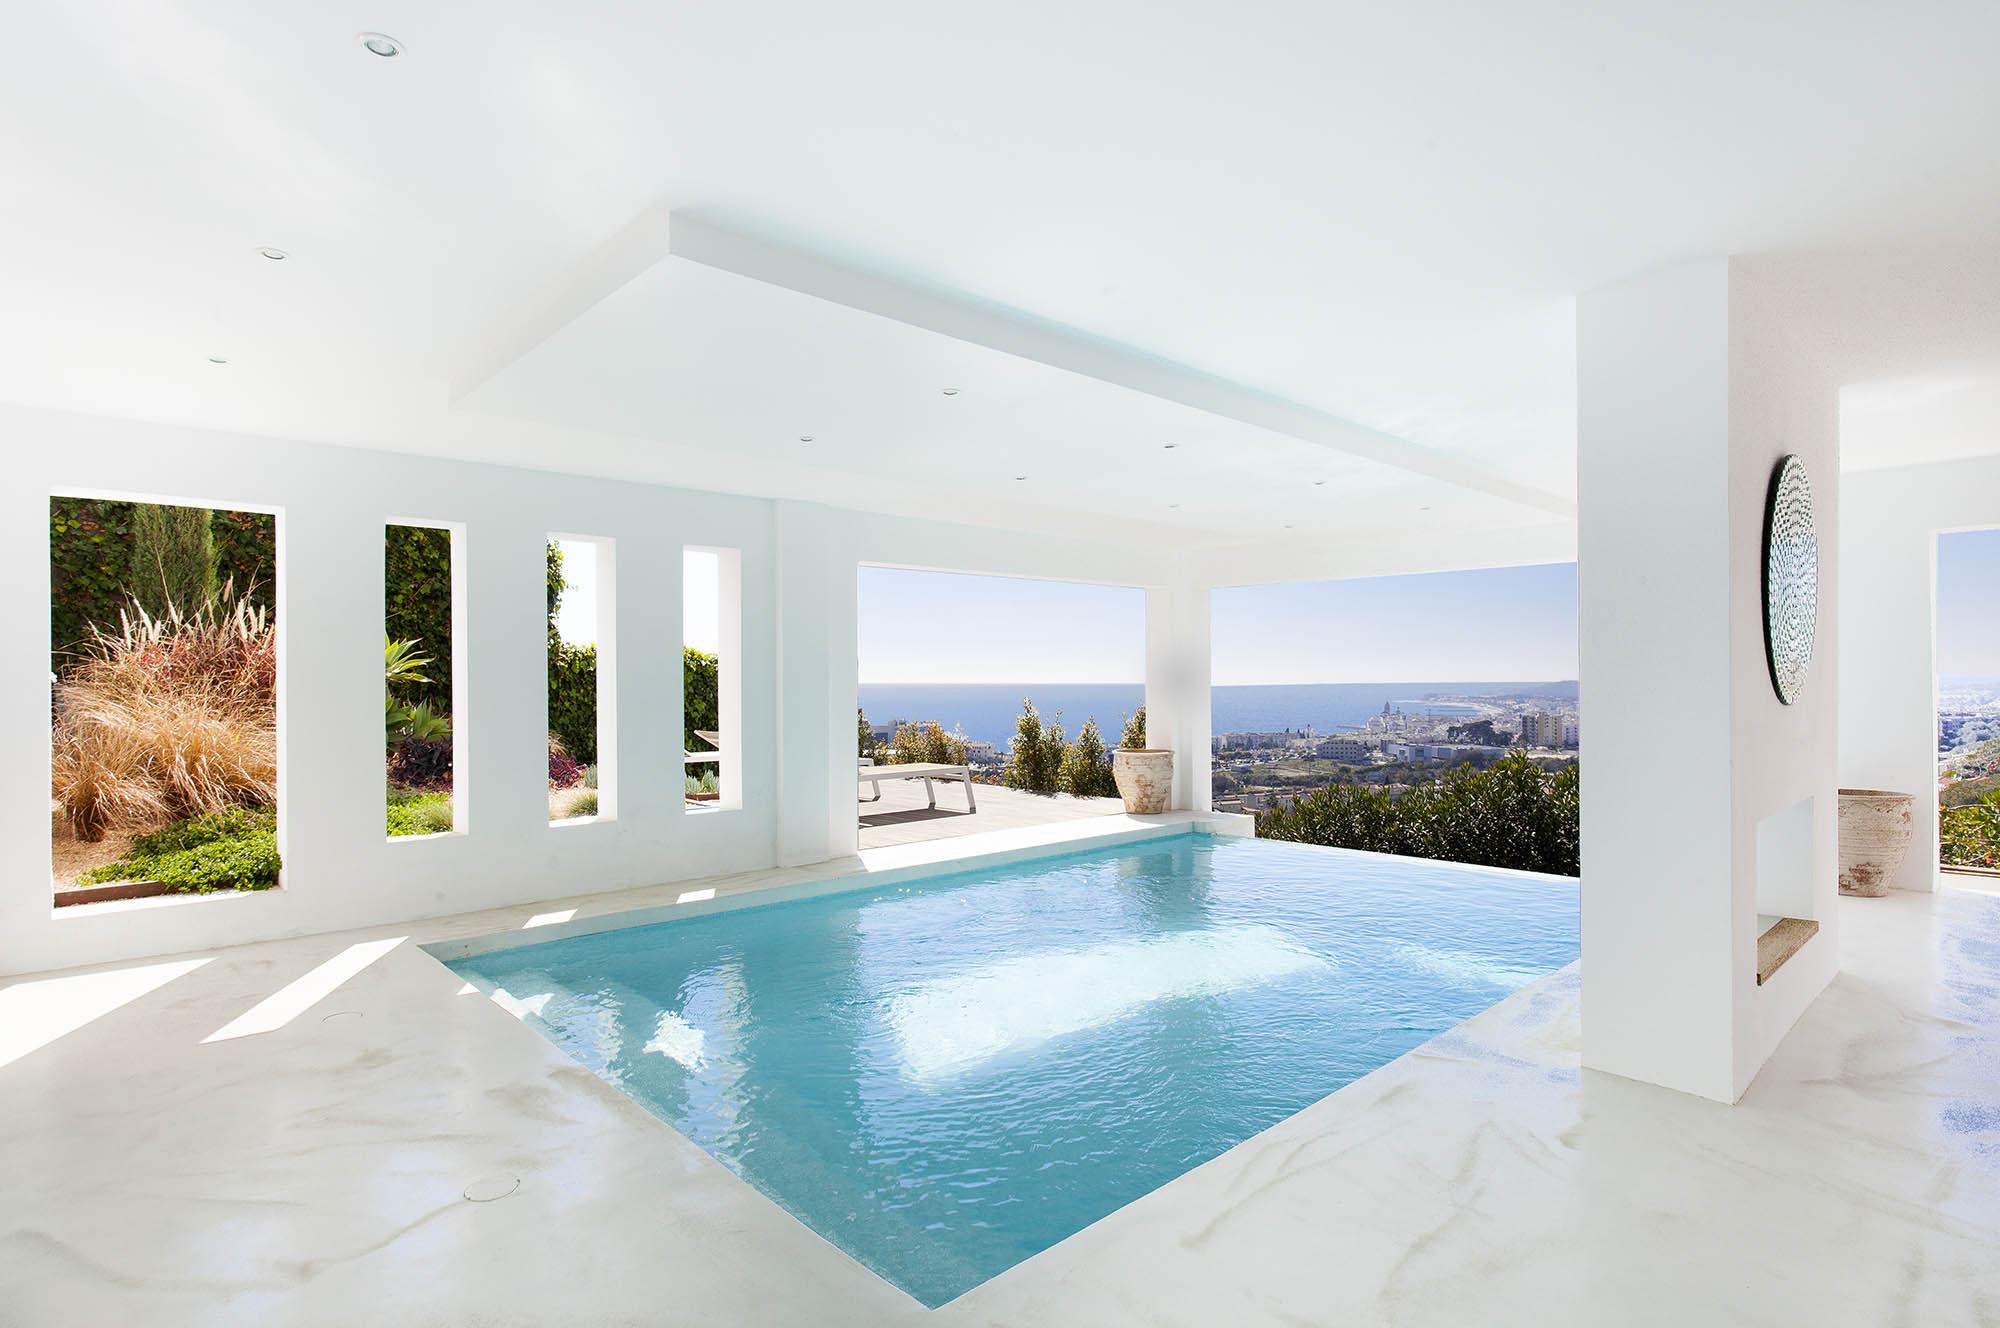 fotografiadeinmobiliaria